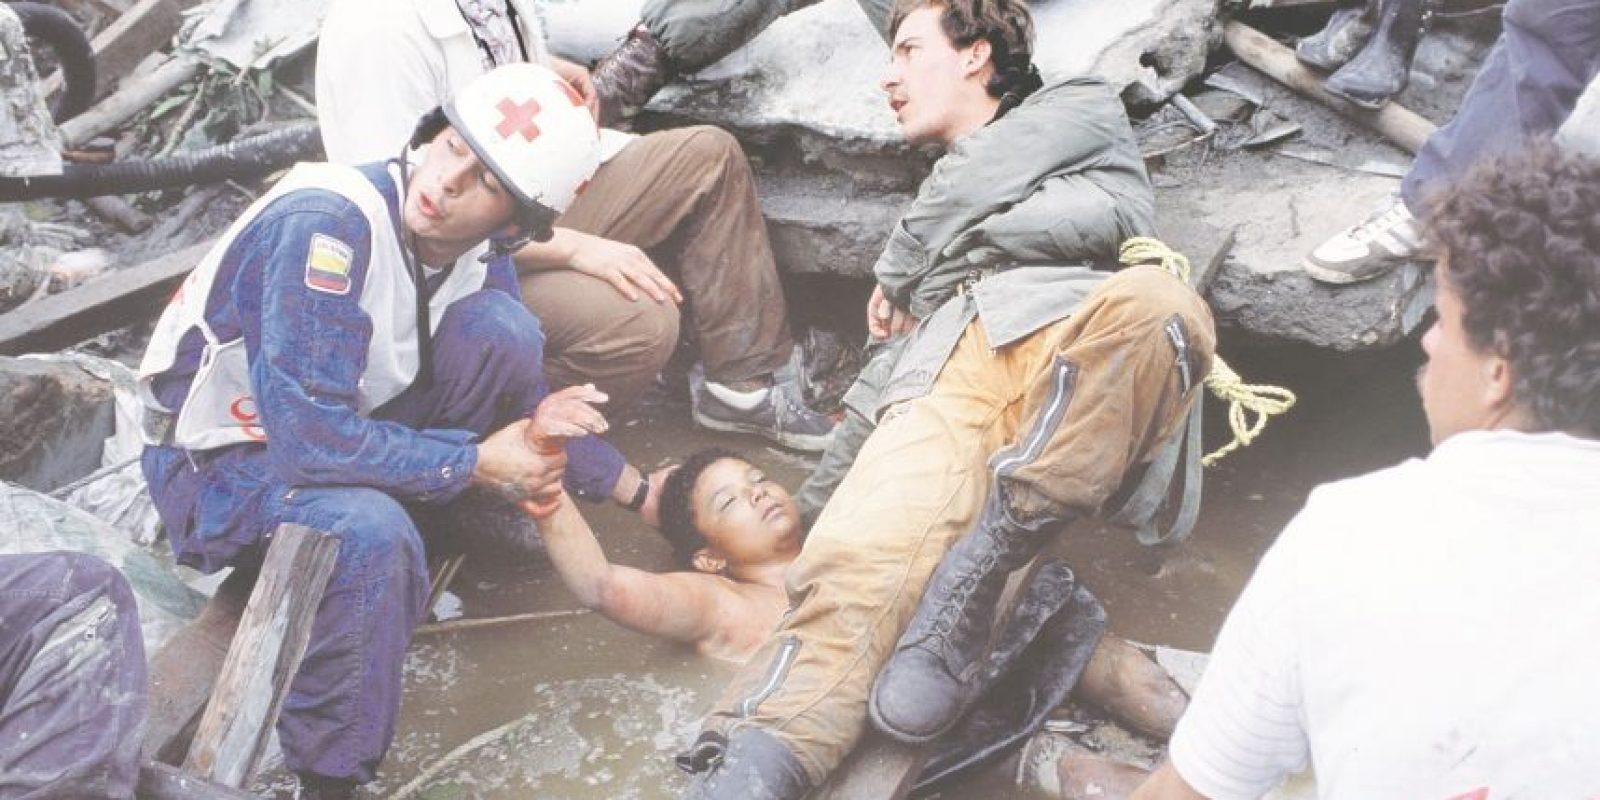 La tragedia de Armero se habría podido evitar si el Estado hubiera hecho caso a las señales y evacuado a los habitantes del pueblo. Foto:EFE